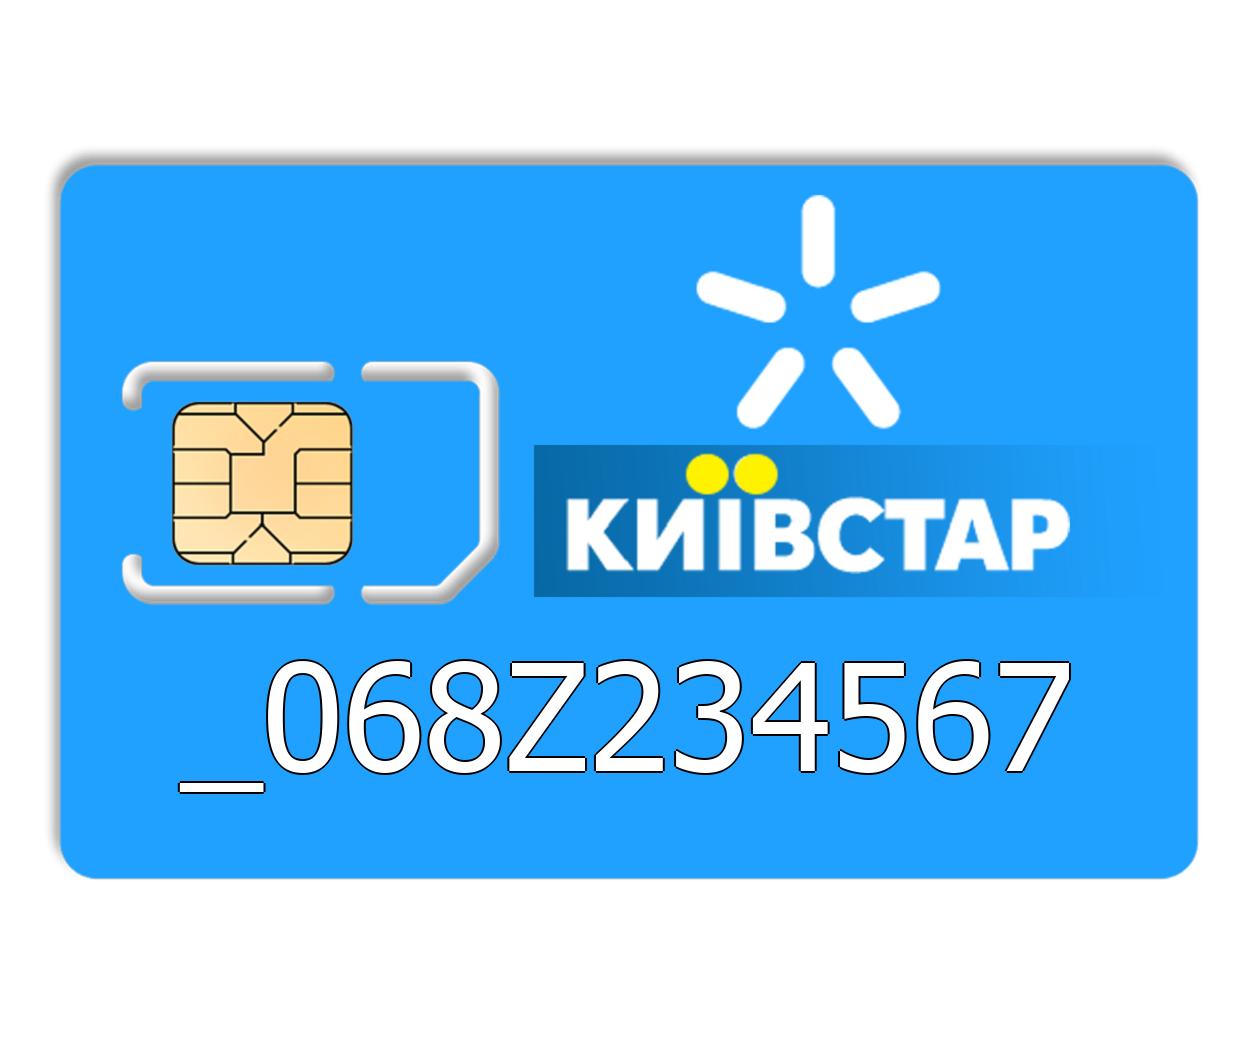 Красивый номер Киевстар 068-Z-234567